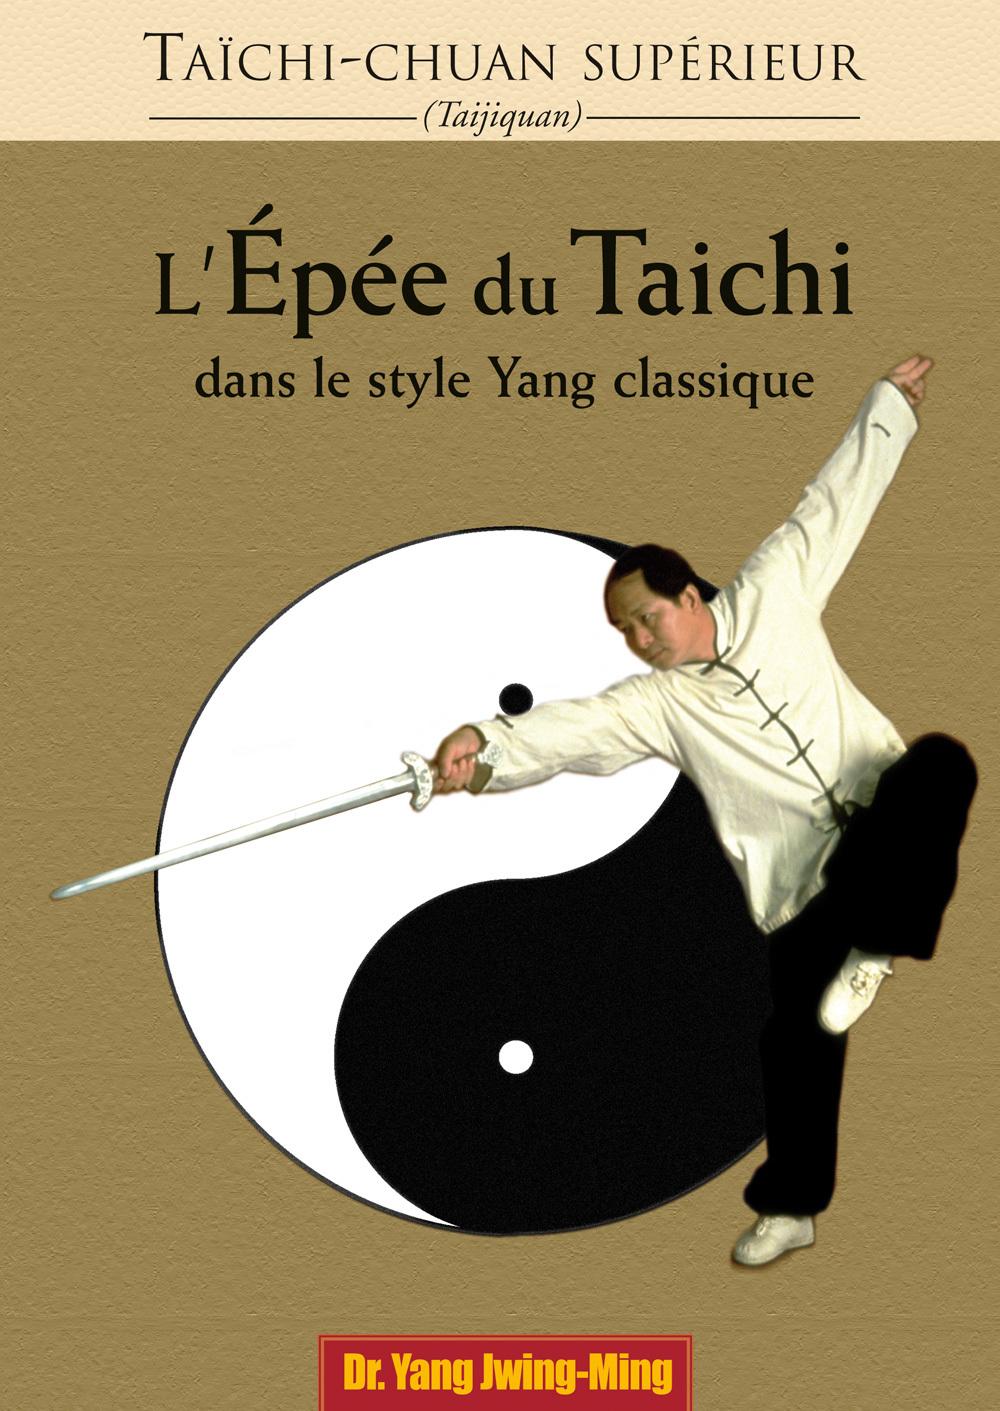 TAICHI-CHUAN SUPERIEUR EPEE DU TAICHI (L')